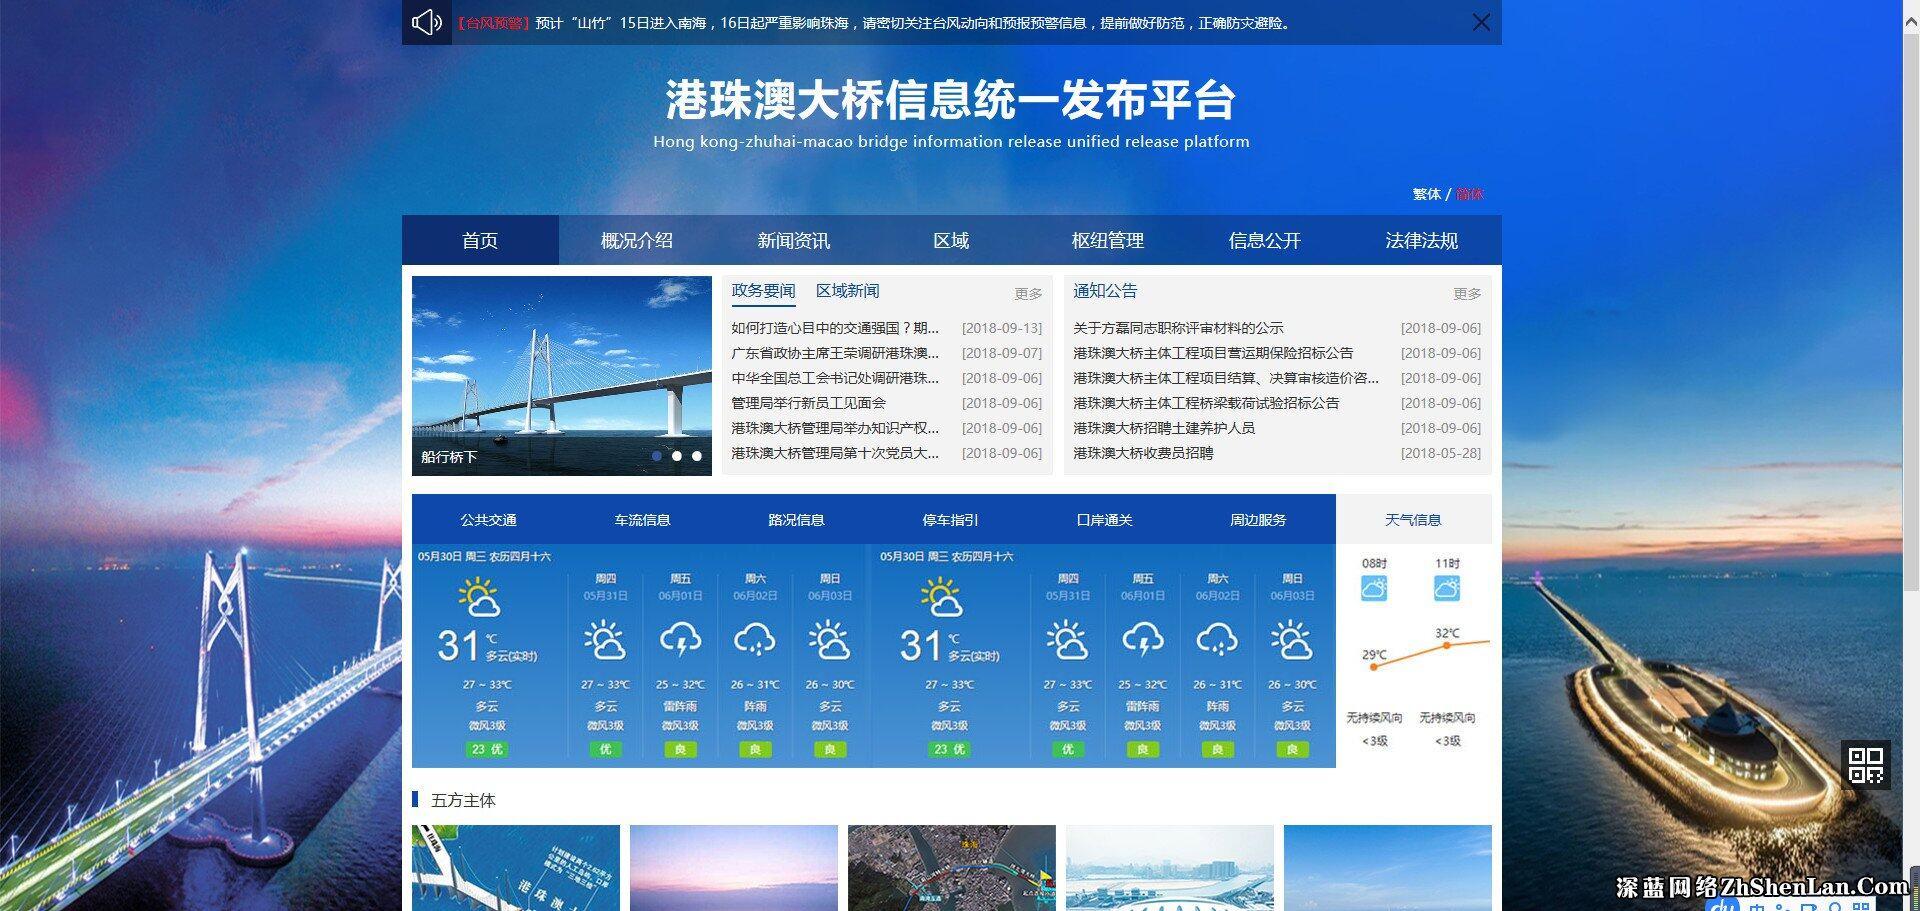 港珠澳大桥信息统一发布平台